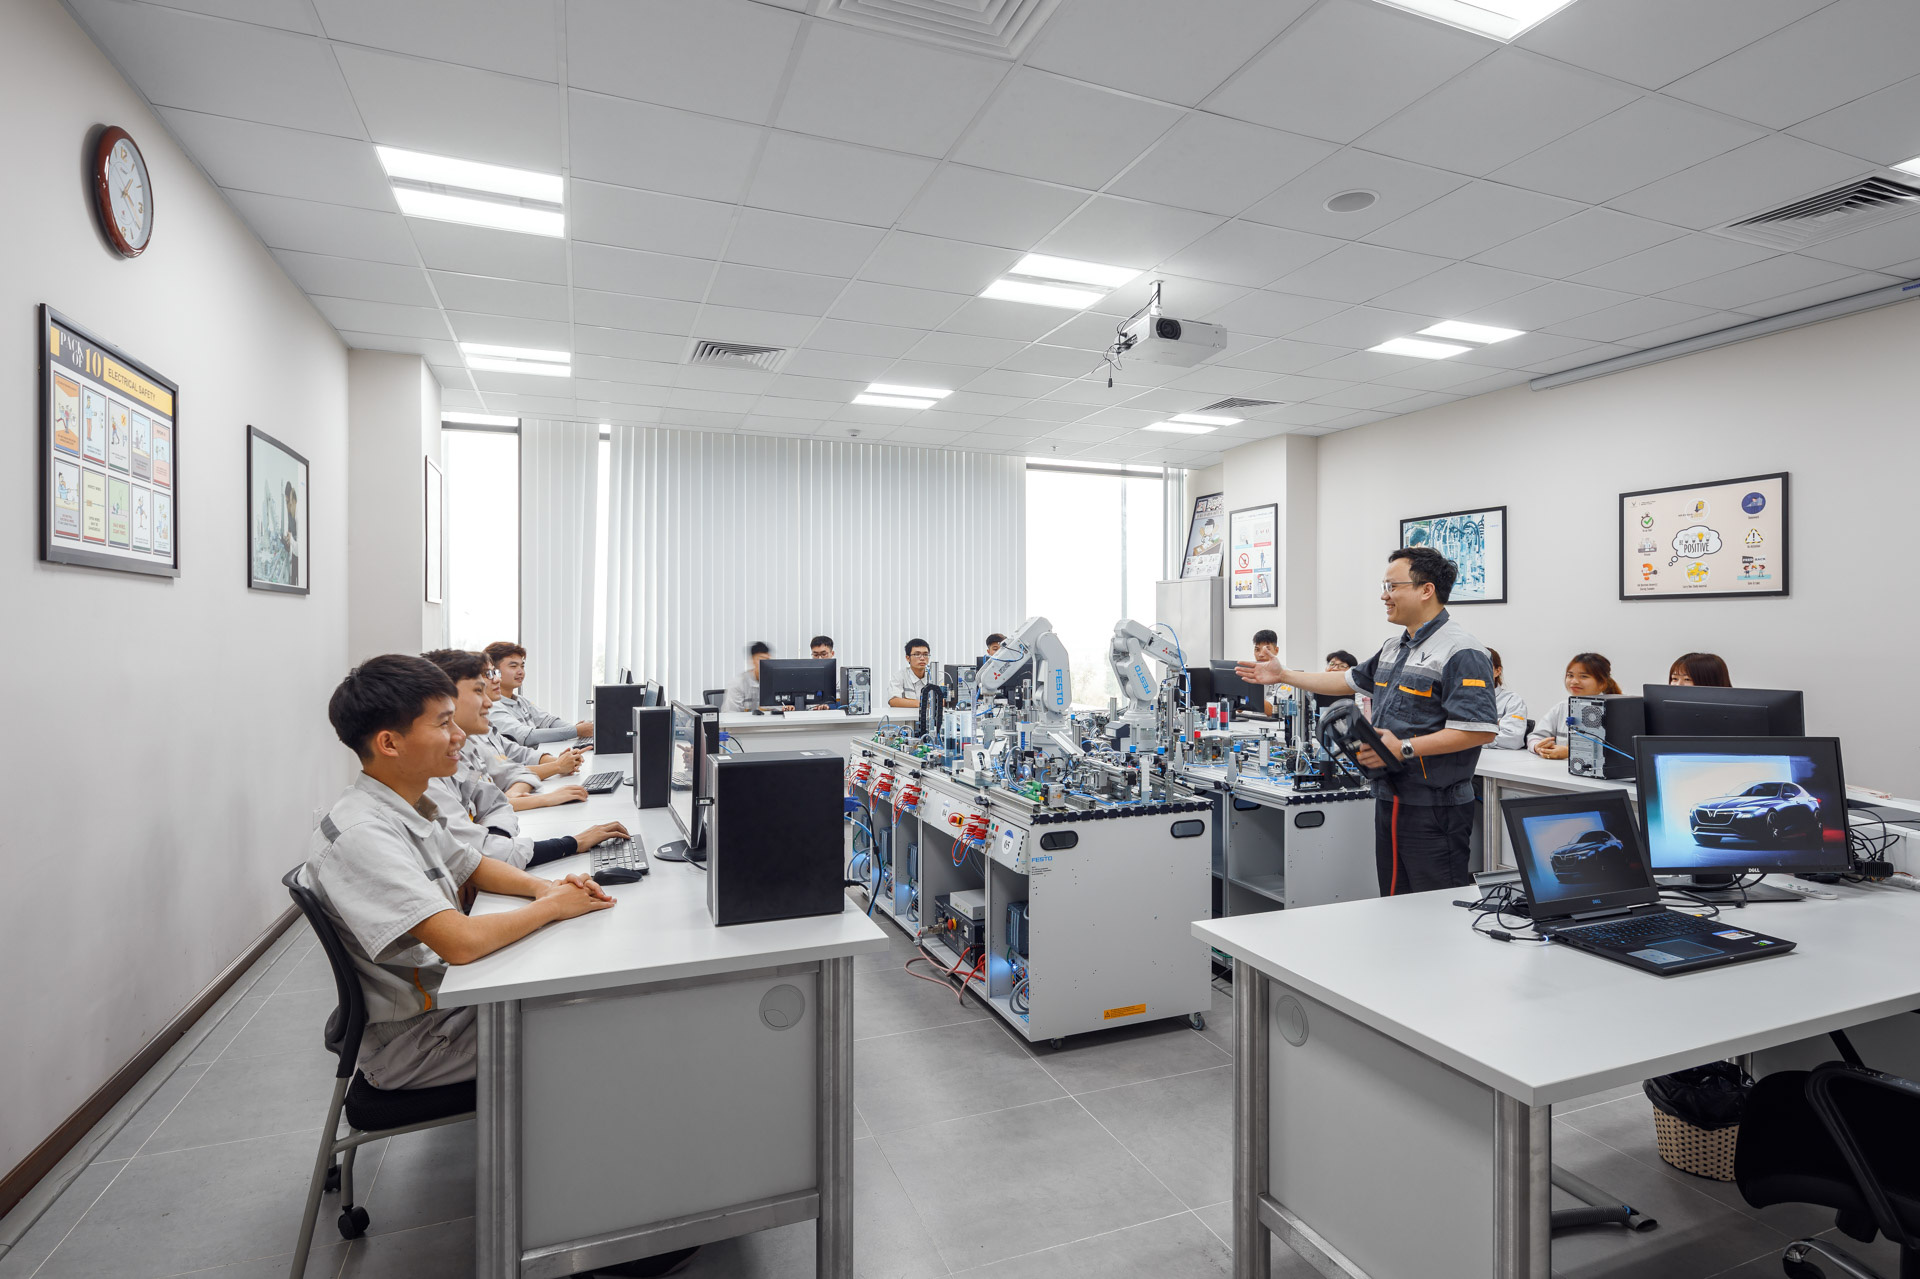 VinFast hợp tác đào tạo Cao đẳng chuyên ngành Cơ điện tử và Kỹ thuật ô tô - Ảnh 3.